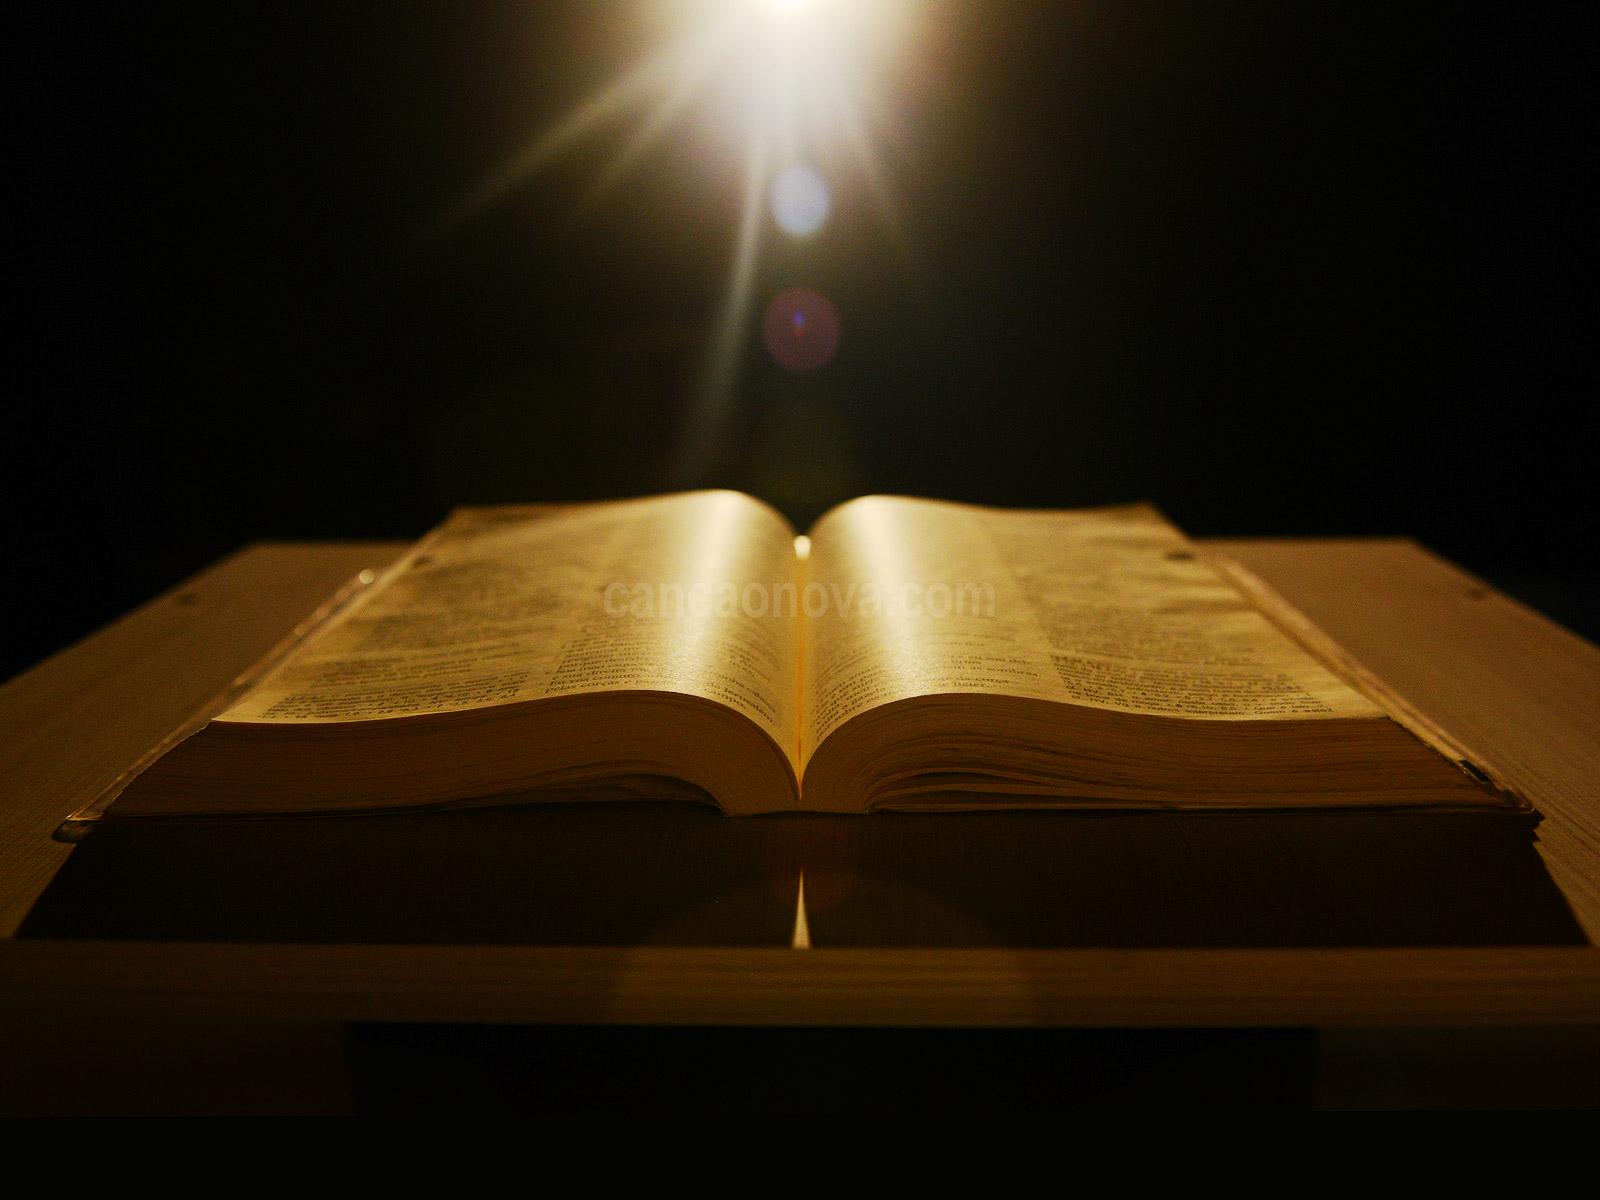 Resultado de imagem para dia da bíblia 2016